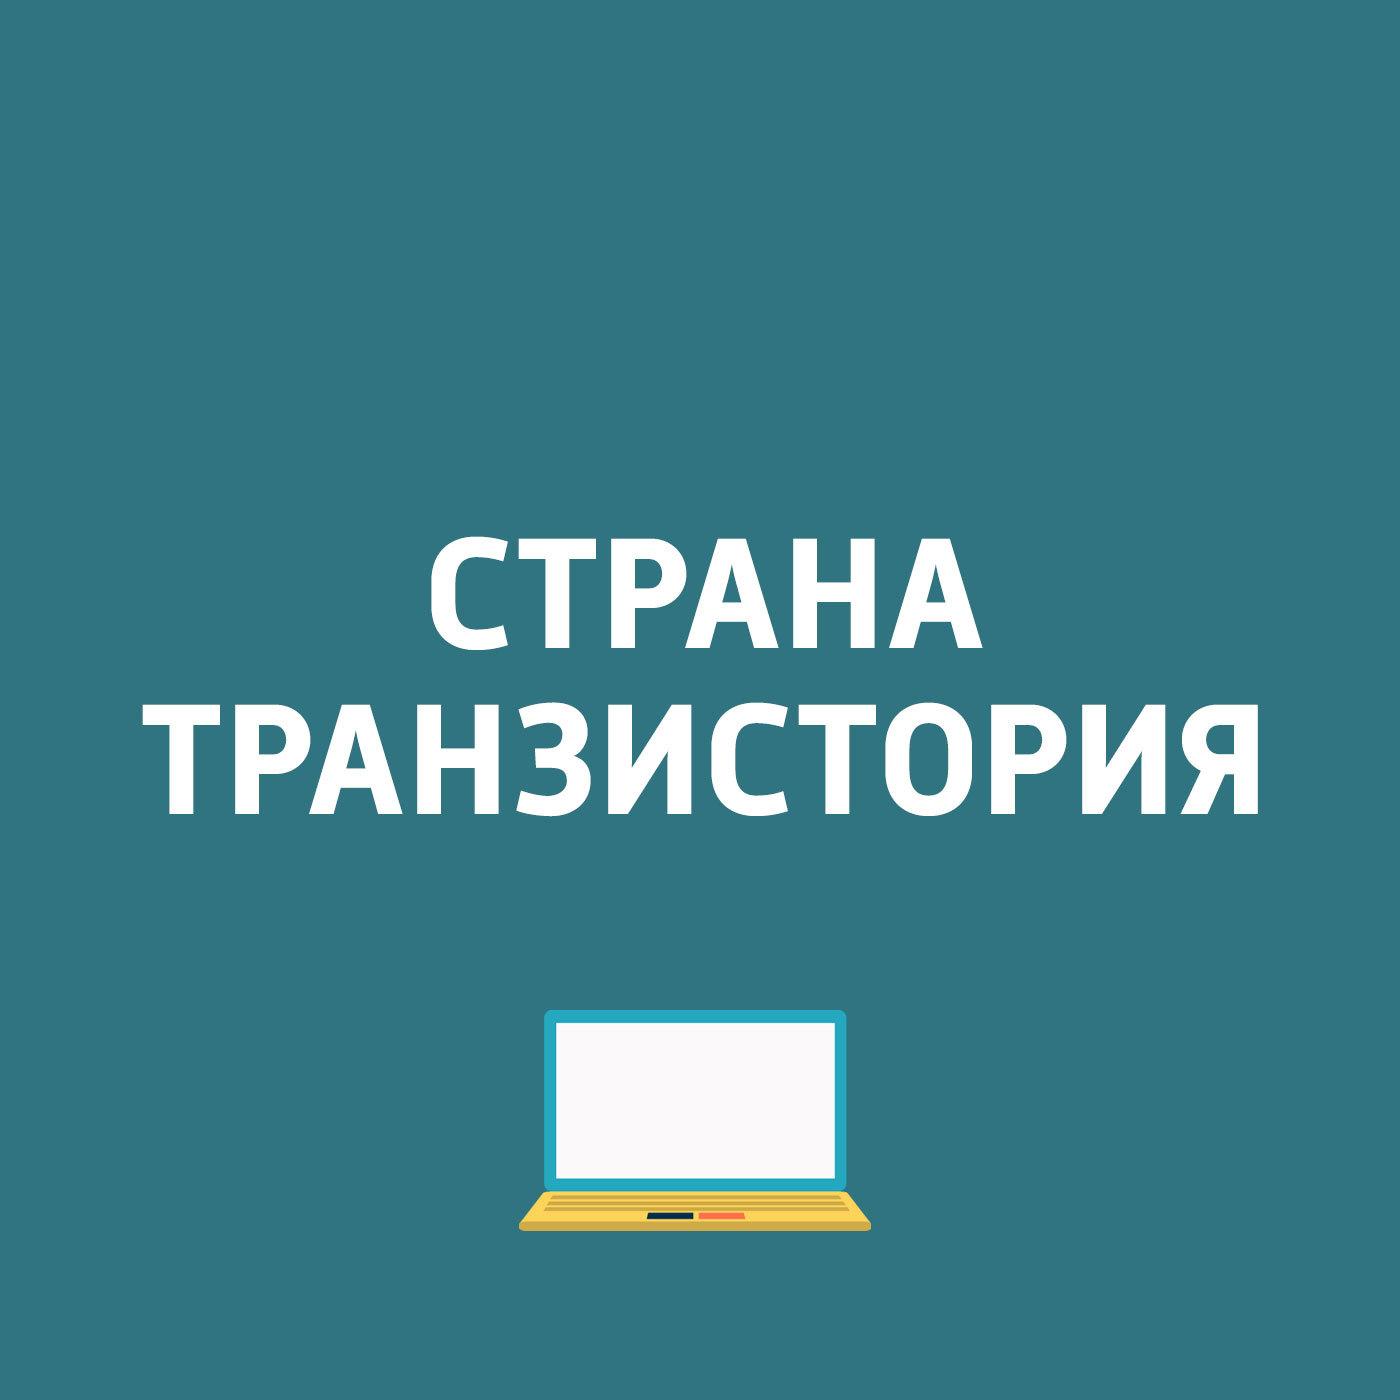 Картаев Павел Motorola Moto M; Apple начала продавать подержанные iPhone; «Рамблер» создаст сайт о кино «Попкорн»... билет в ленком официальный сайт